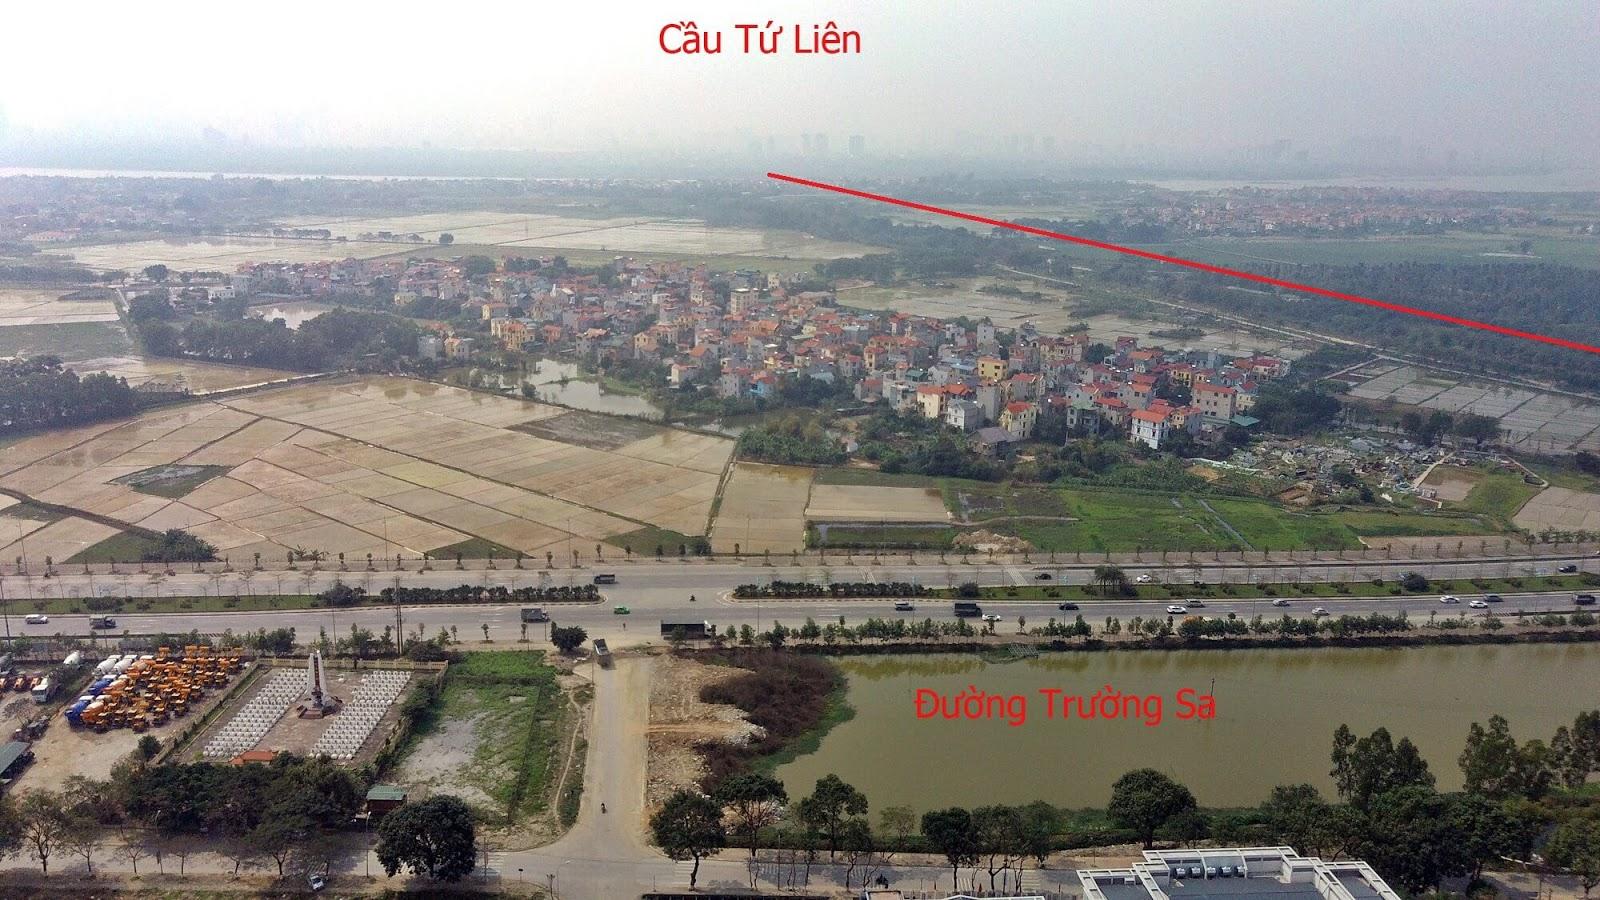 Đường dẫn cầu Tứ Liên chạy song song với sông Ngũ Huyện Khê.